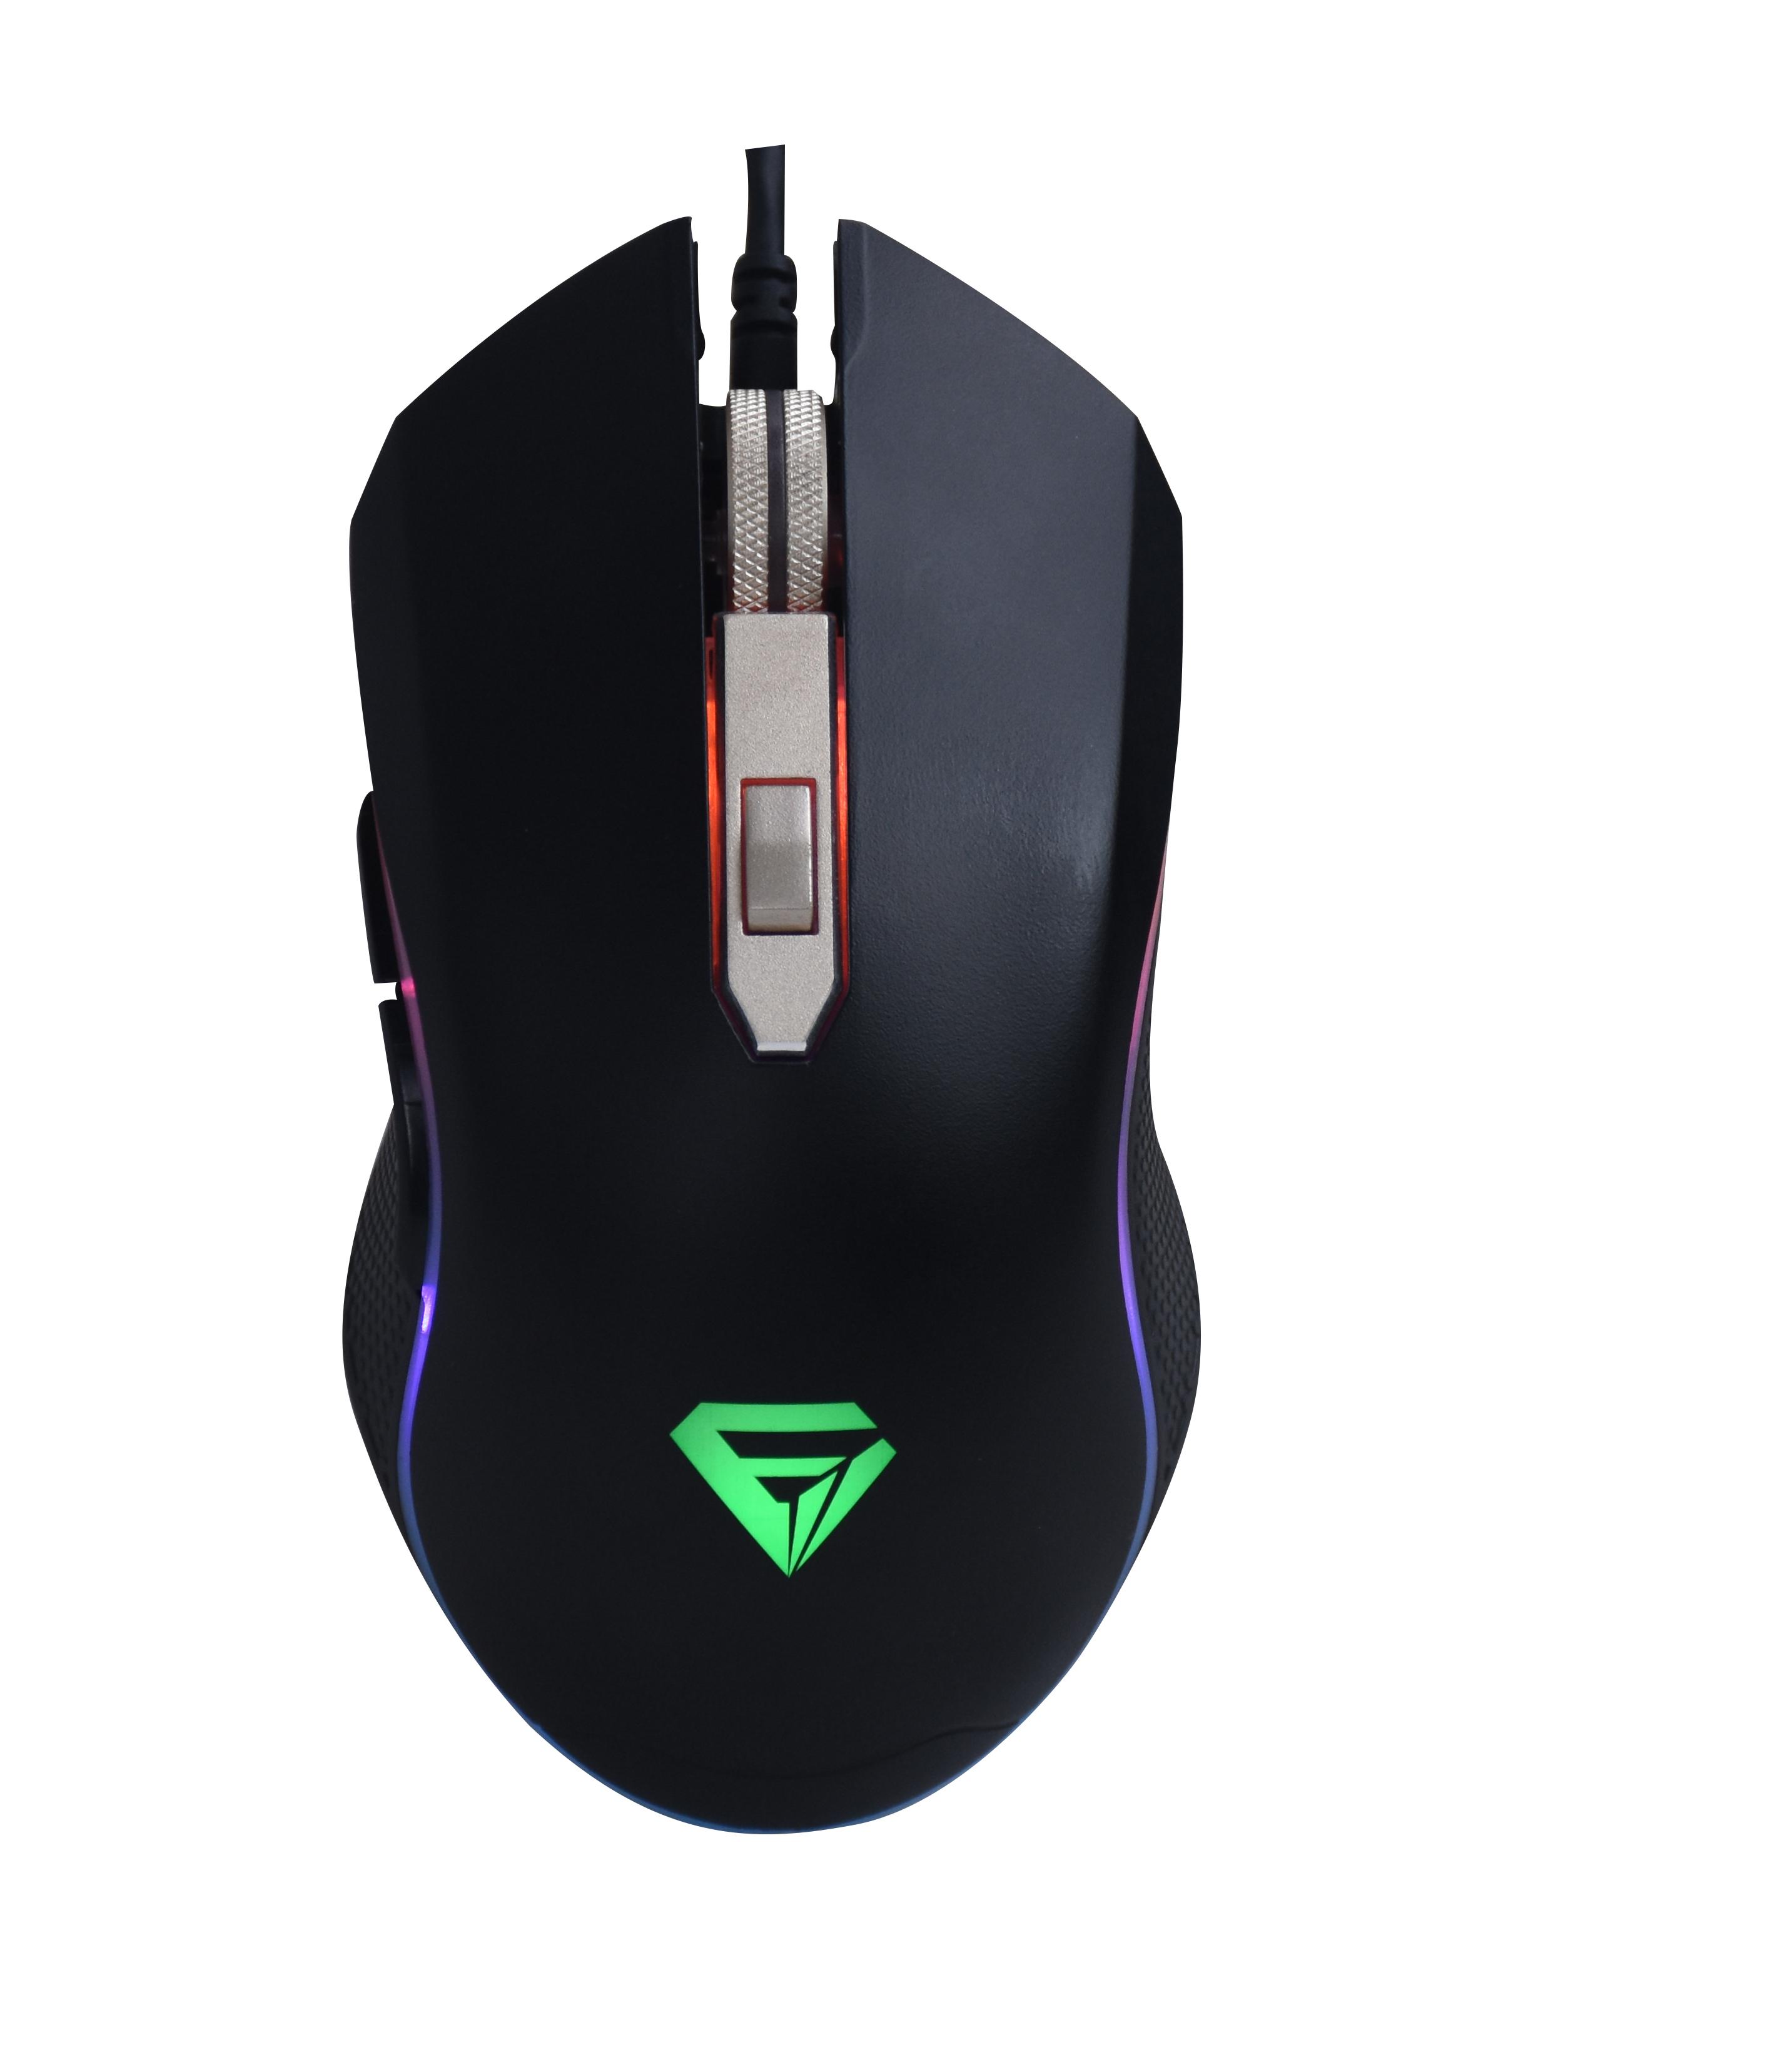 Giochi con il mouse